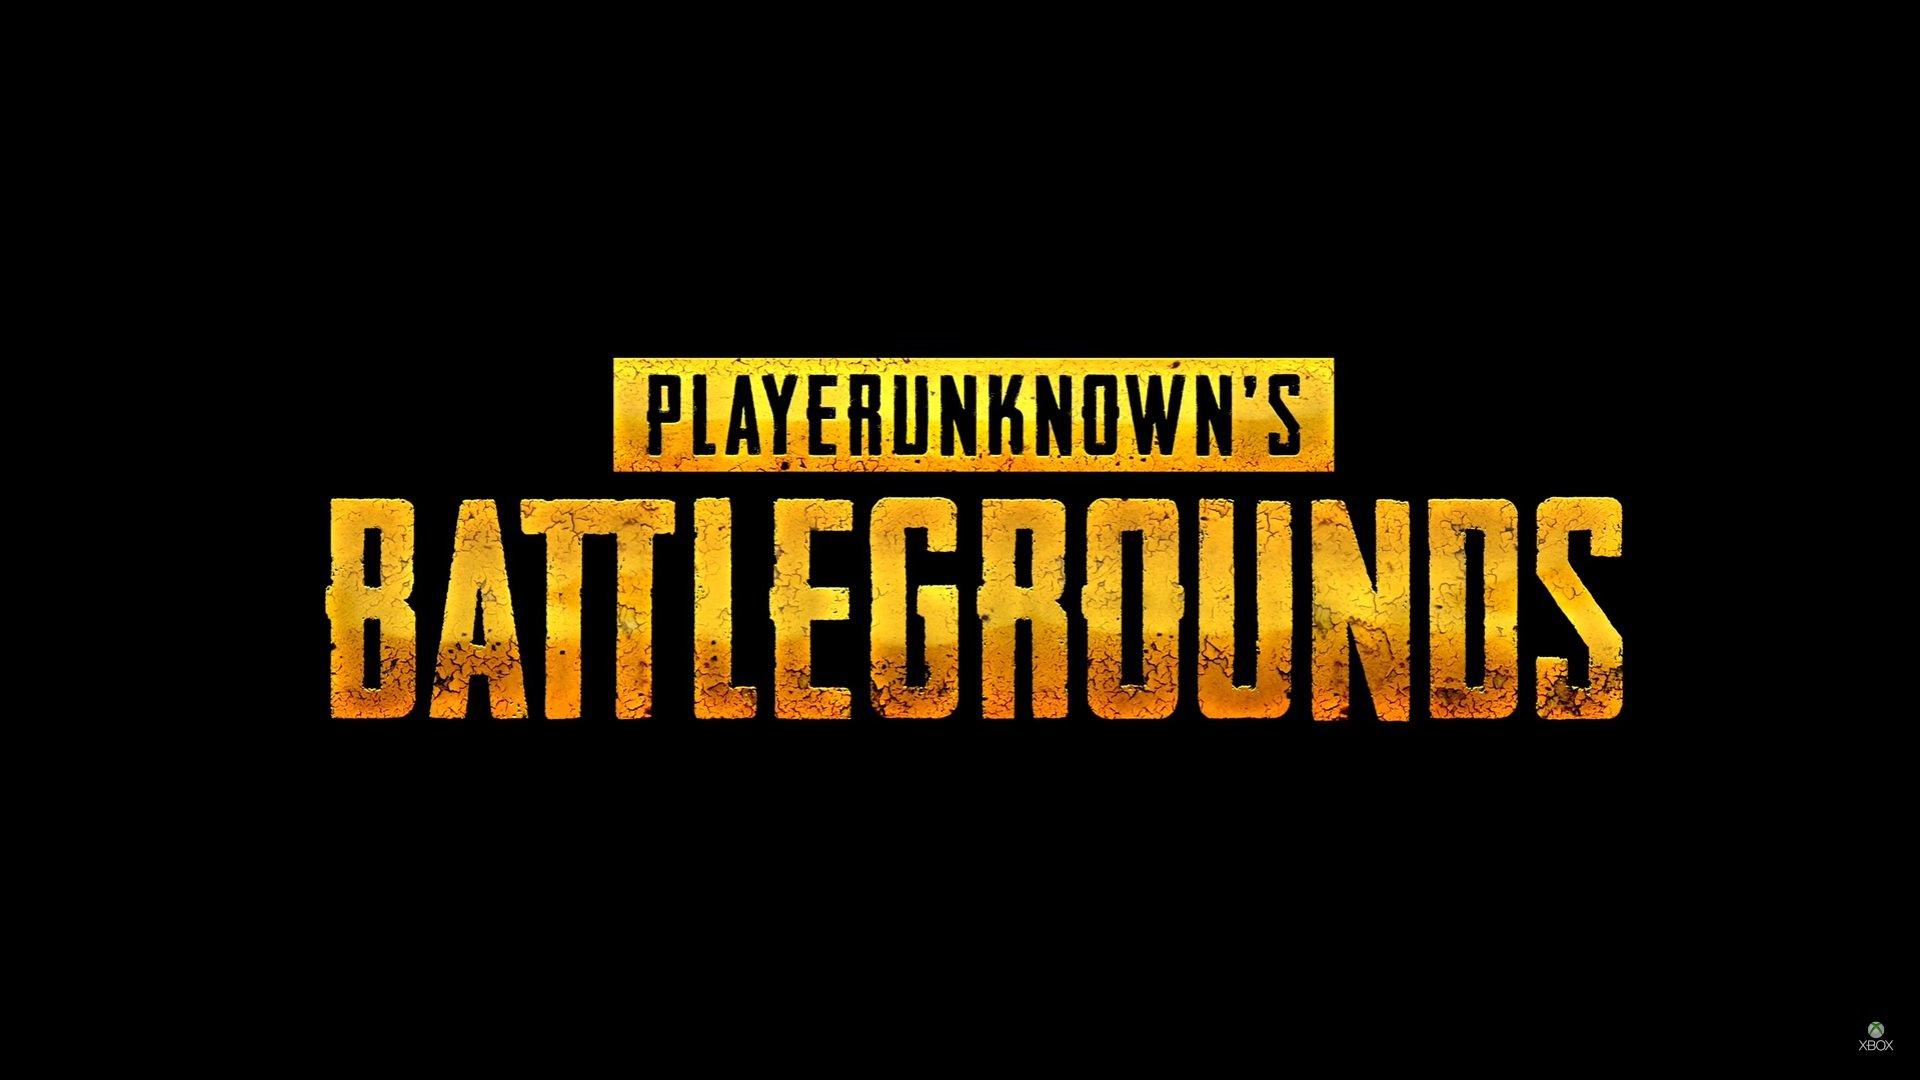 playerunknown's battlegrounds china